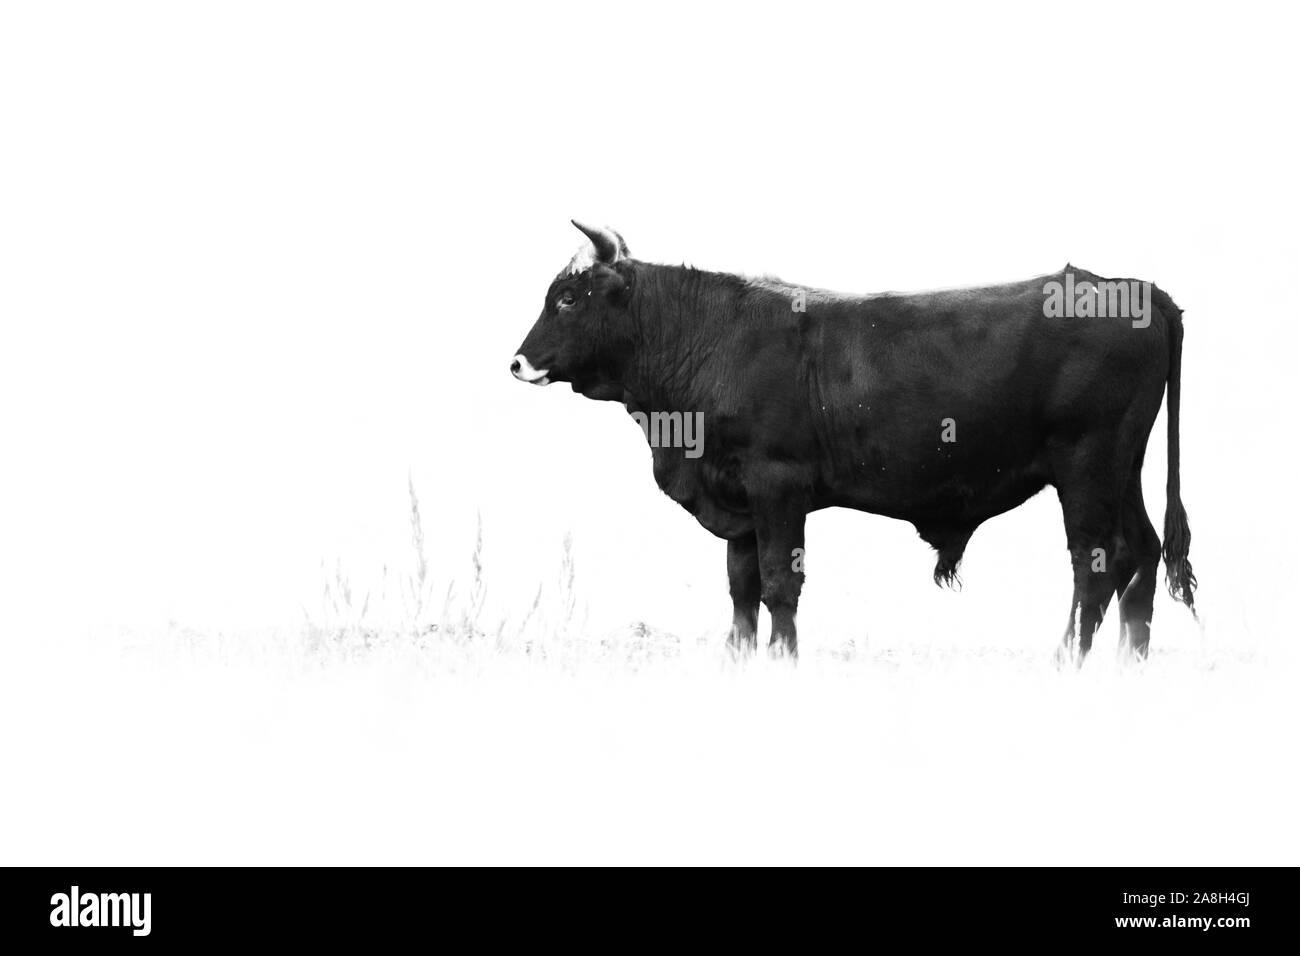 Heckrinder (Bos primigenius f. Taurus), Stier in einer Weide in den späten Abend, Versuch zurück zur Rasse der ausgestorbenen Auerochsen (Bos primigenius), Ungarn Stockfoto